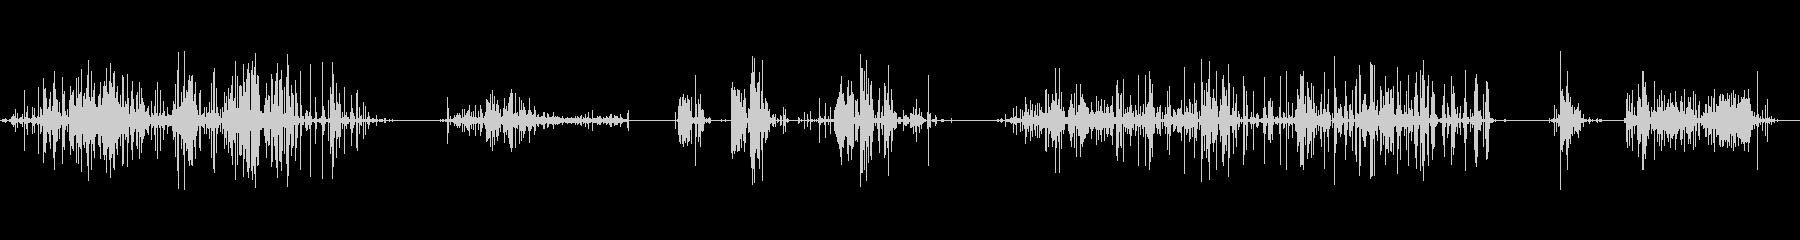 バースト、トリック、ストリームオブ...の未再生の波形